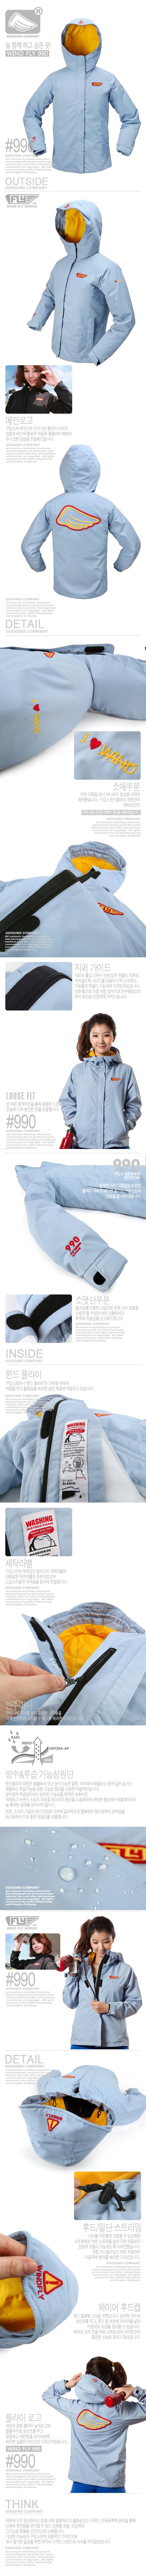 구김스 컴퍼니(GOOGIMS COMPANY) 990 윈드 플라이 바람막이 자켓 (G10FMJP990)